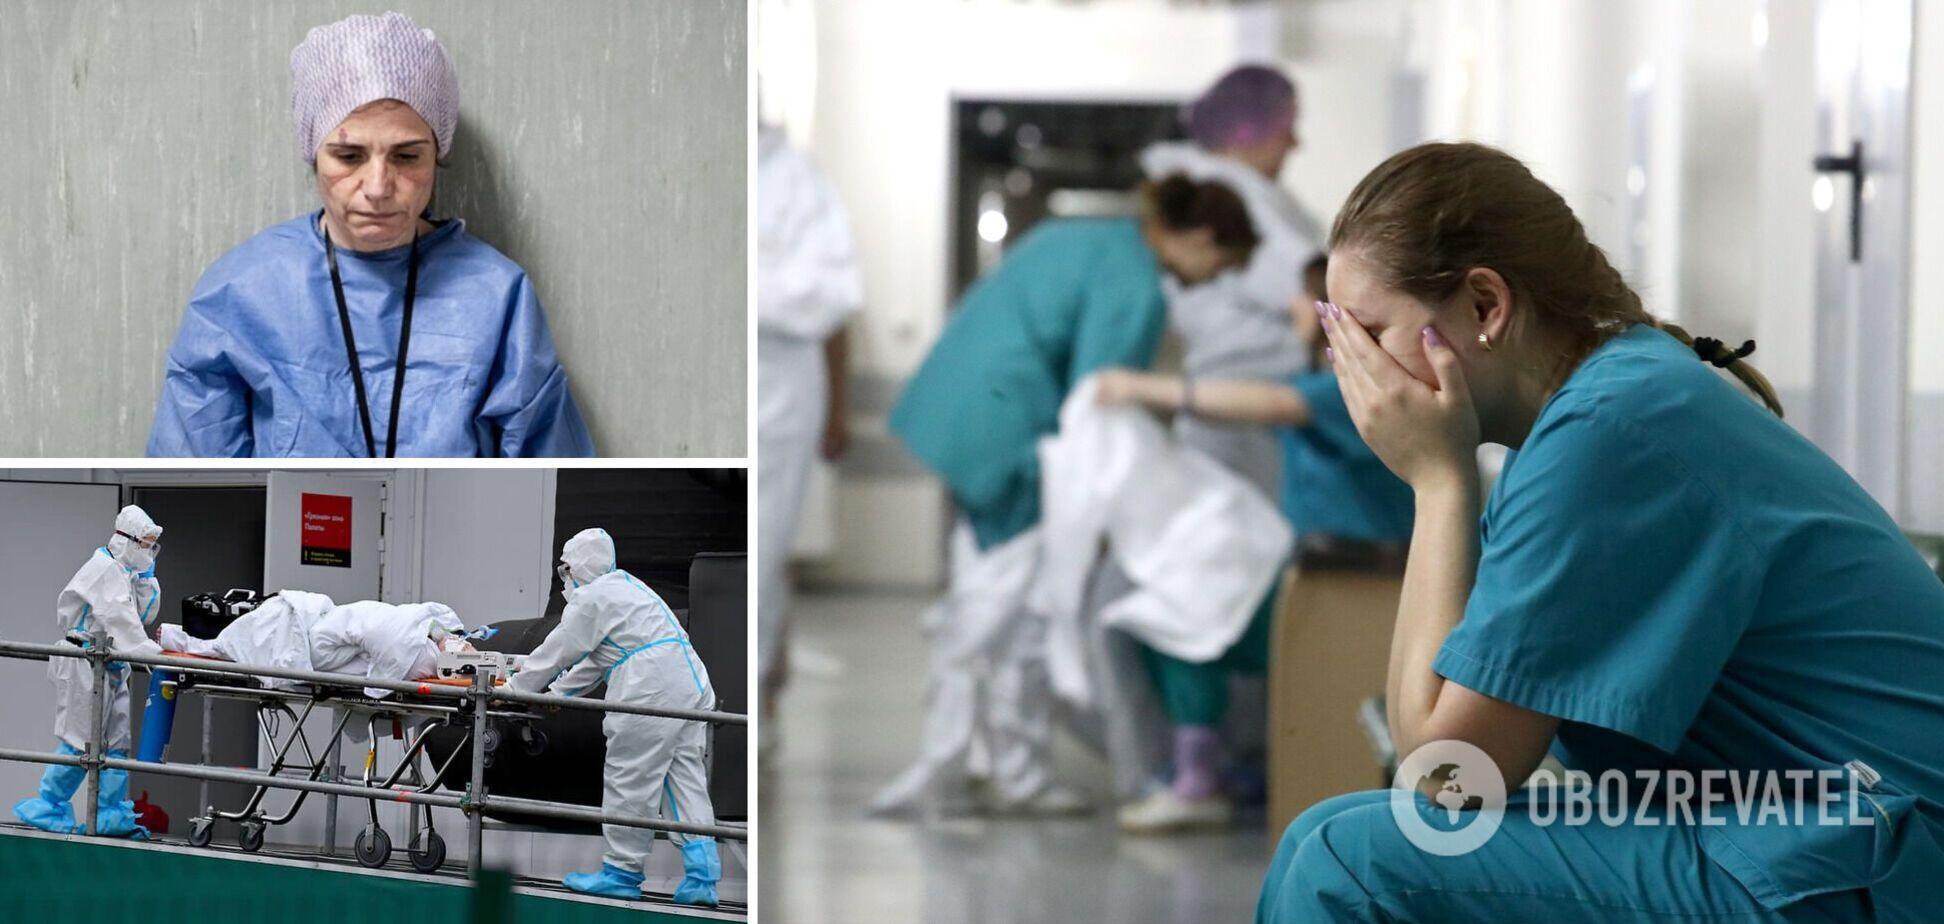 В Україні сплеск захворюваності, а ВООЗ готується до нової пандемії. Хроніка коронавірусу на 14 жовтня